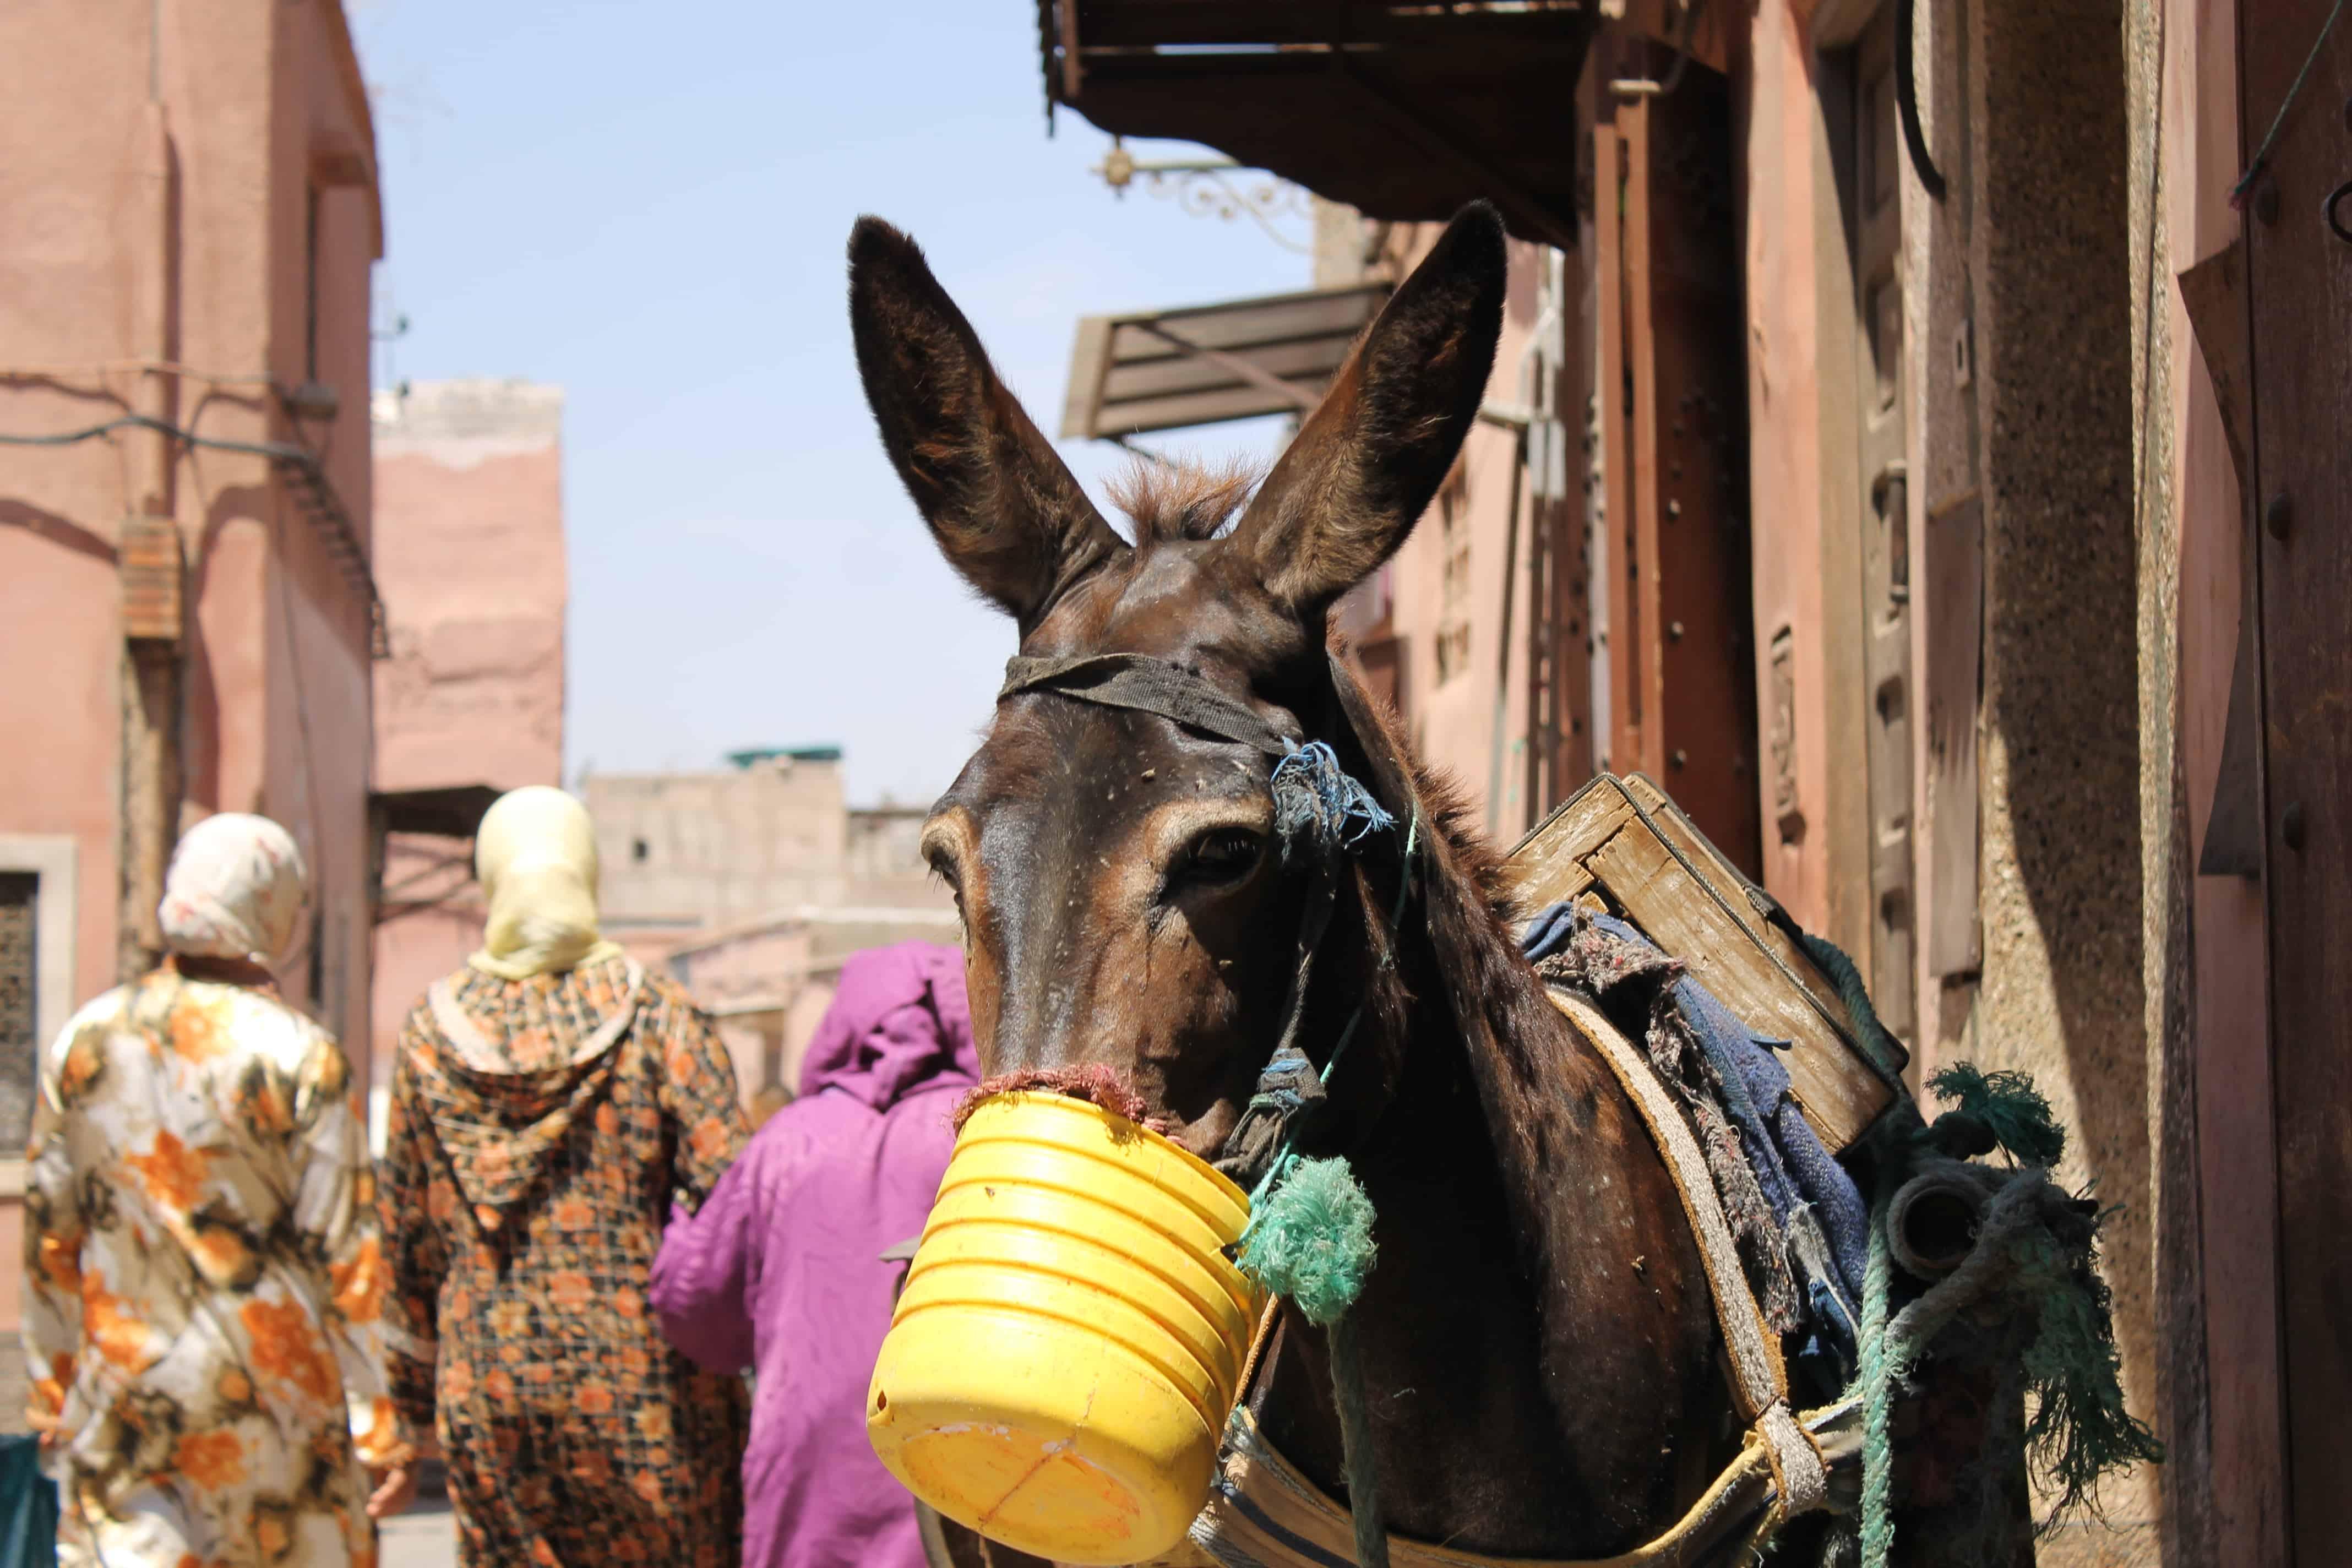 un des nombreux ânes de Marrakech